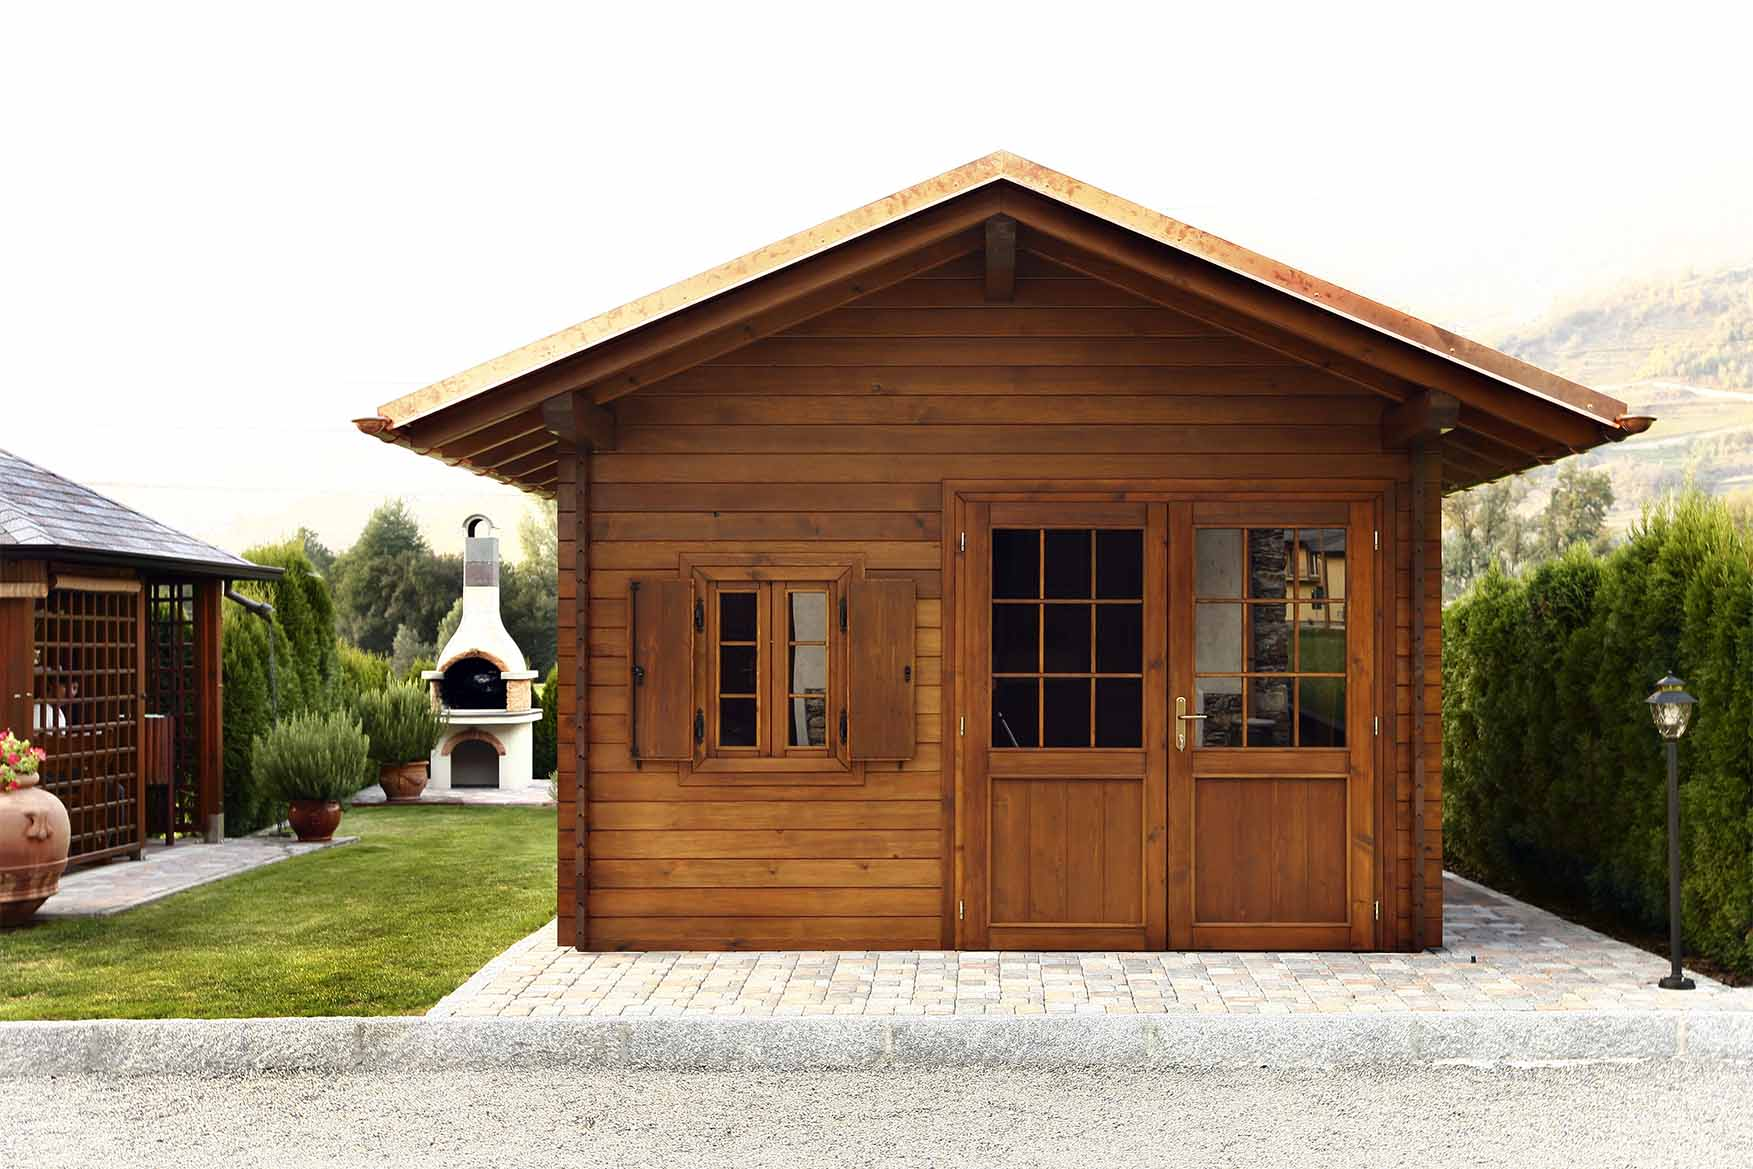 Casetta in legno di pino nordico impregnato in autoclave realizzato da Linea Montanalegno - ILT